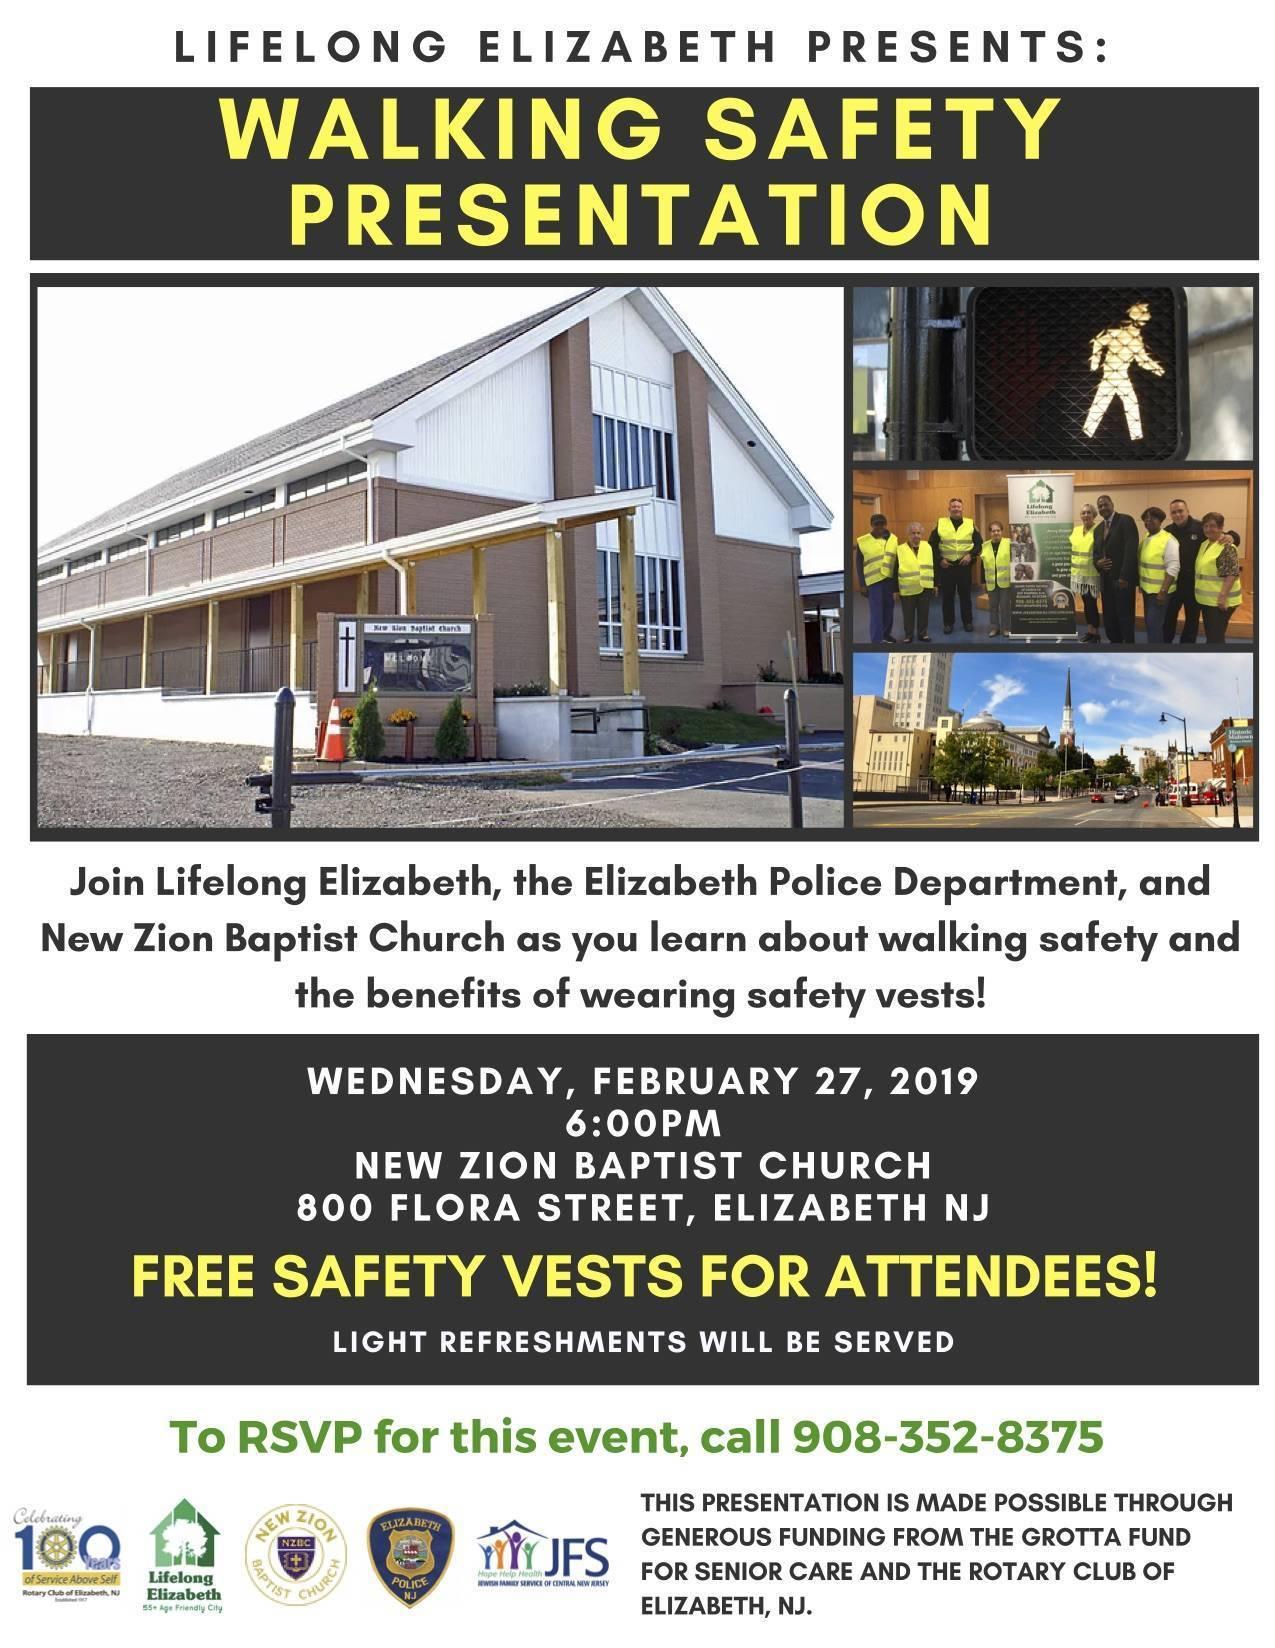 Walking Safety Presentation 2-27-19 New Zion.jpg